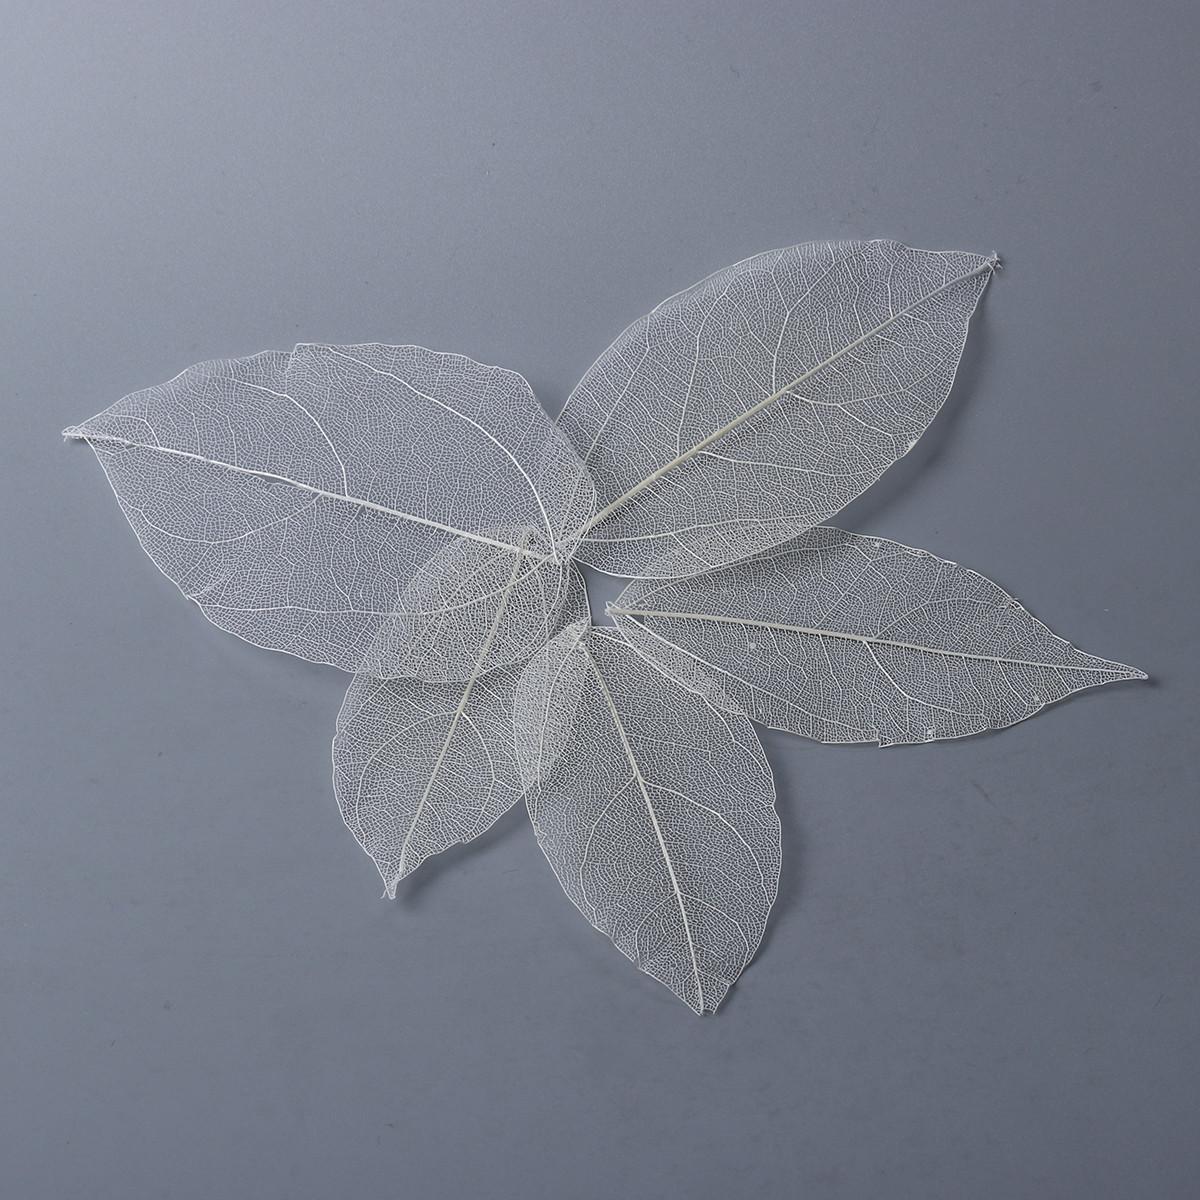 Інструмент для епоксидної смоли, Білі листочки, 7.2 см x 5.1 см - 5.5 см - 3.1 см, Упаковка 5 шт.